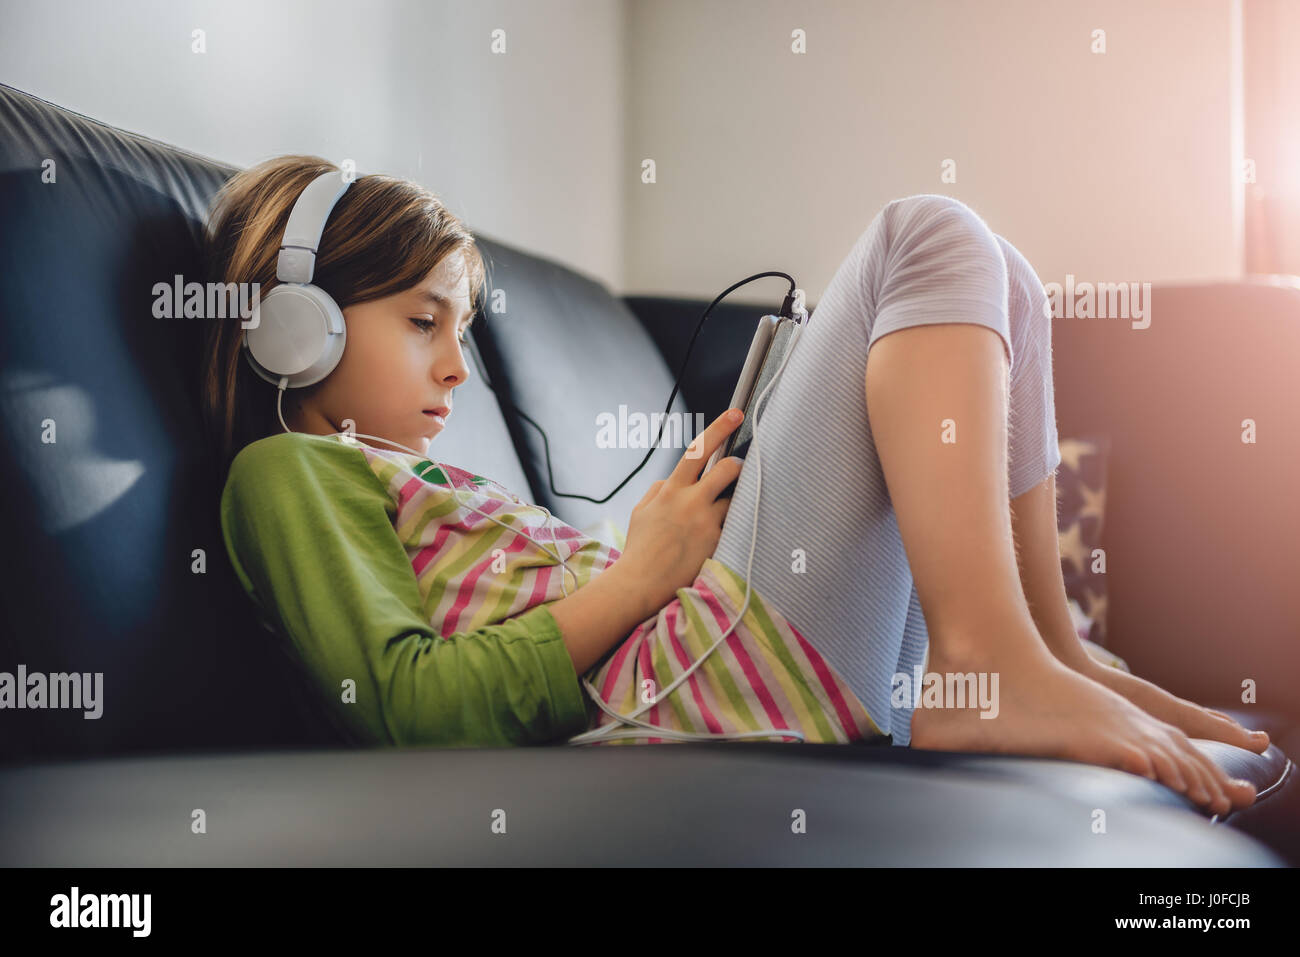 Chica sentada en un sofá negro con tablet y escuchar música Imagen De Stock